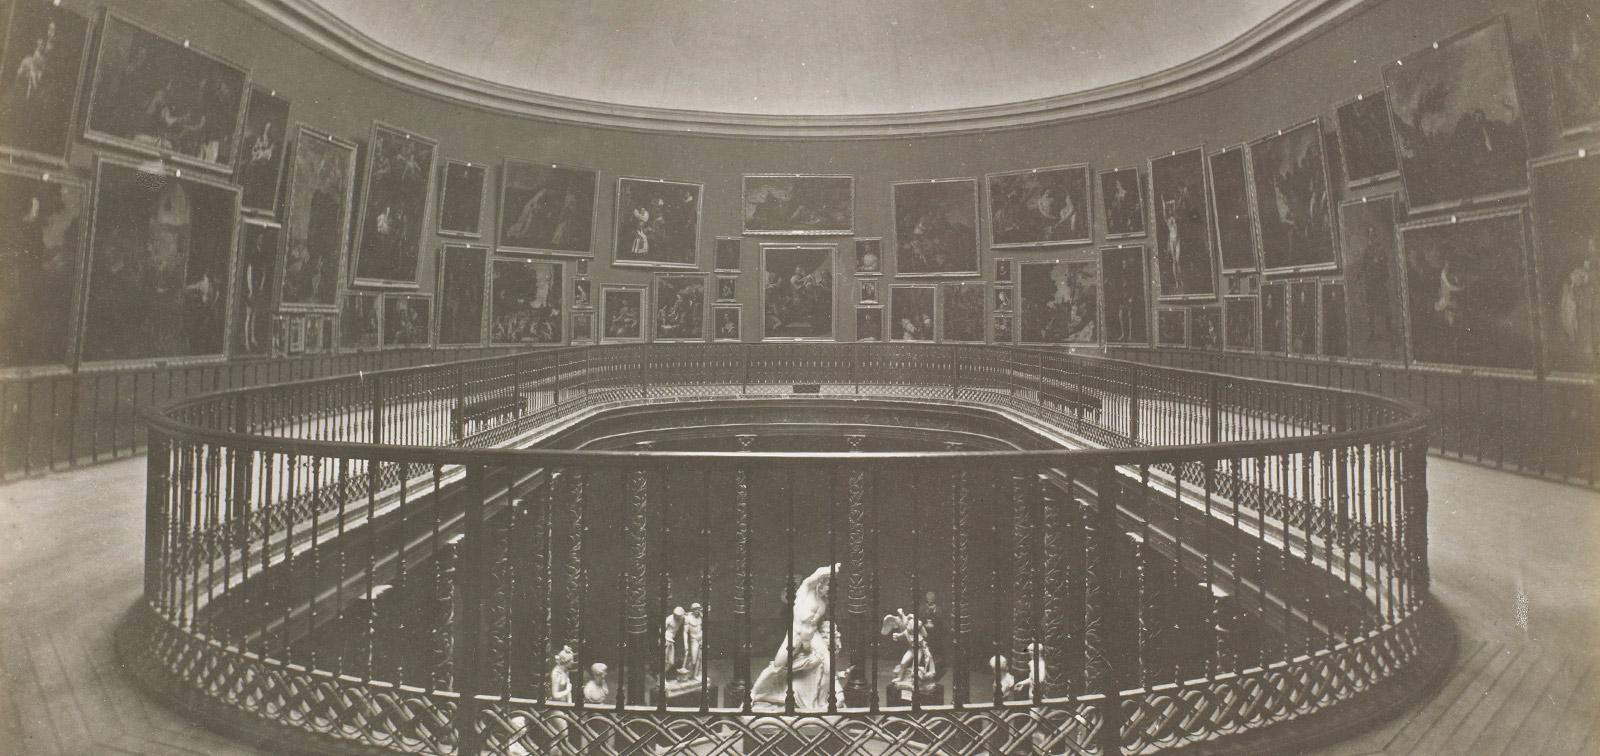 Museo del Prado 1819-2019. A place of memory